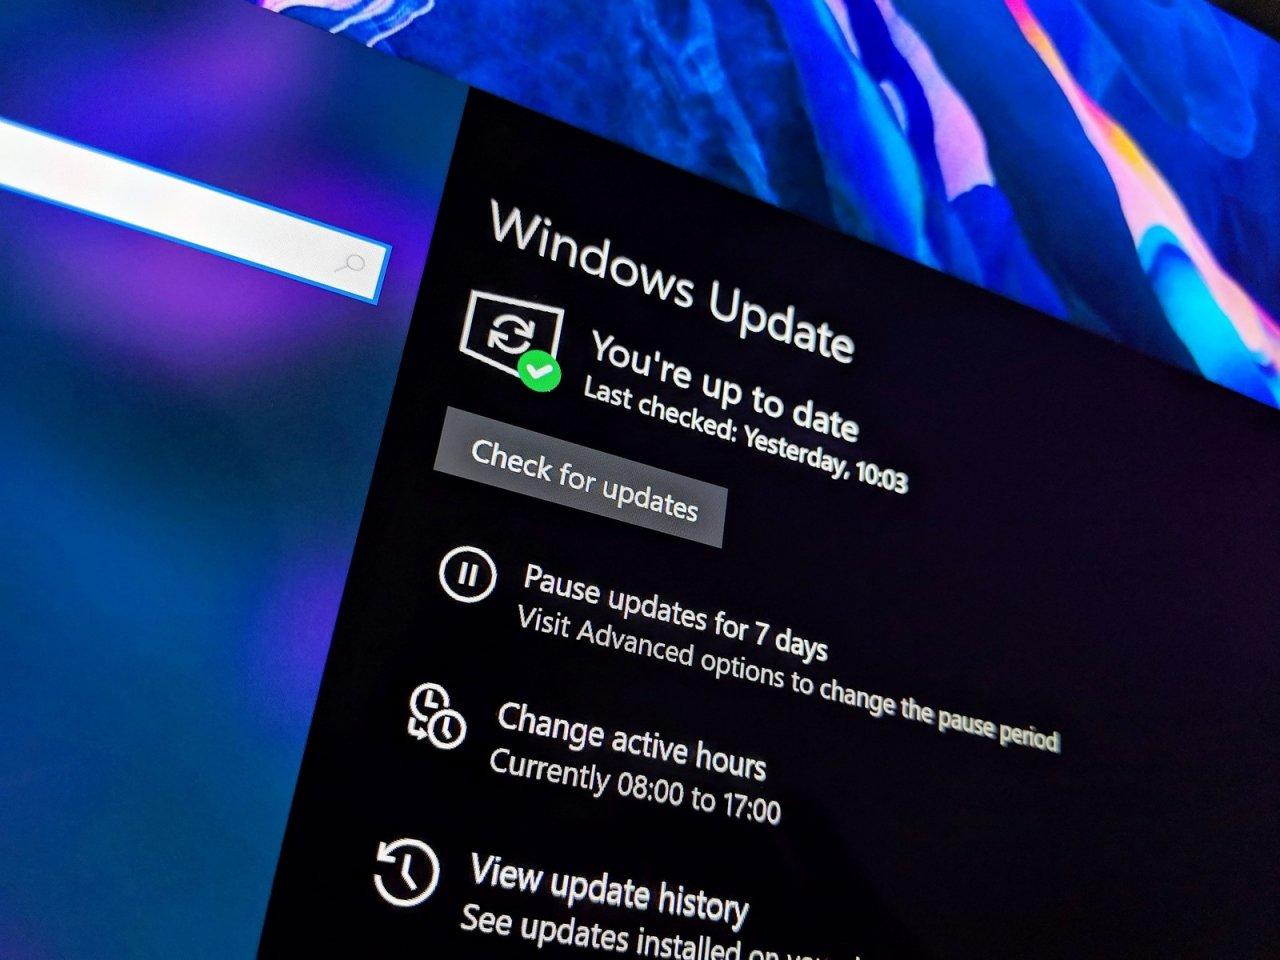 Windows 10 версии 21H1 будет являться незначительным обновлением ОС